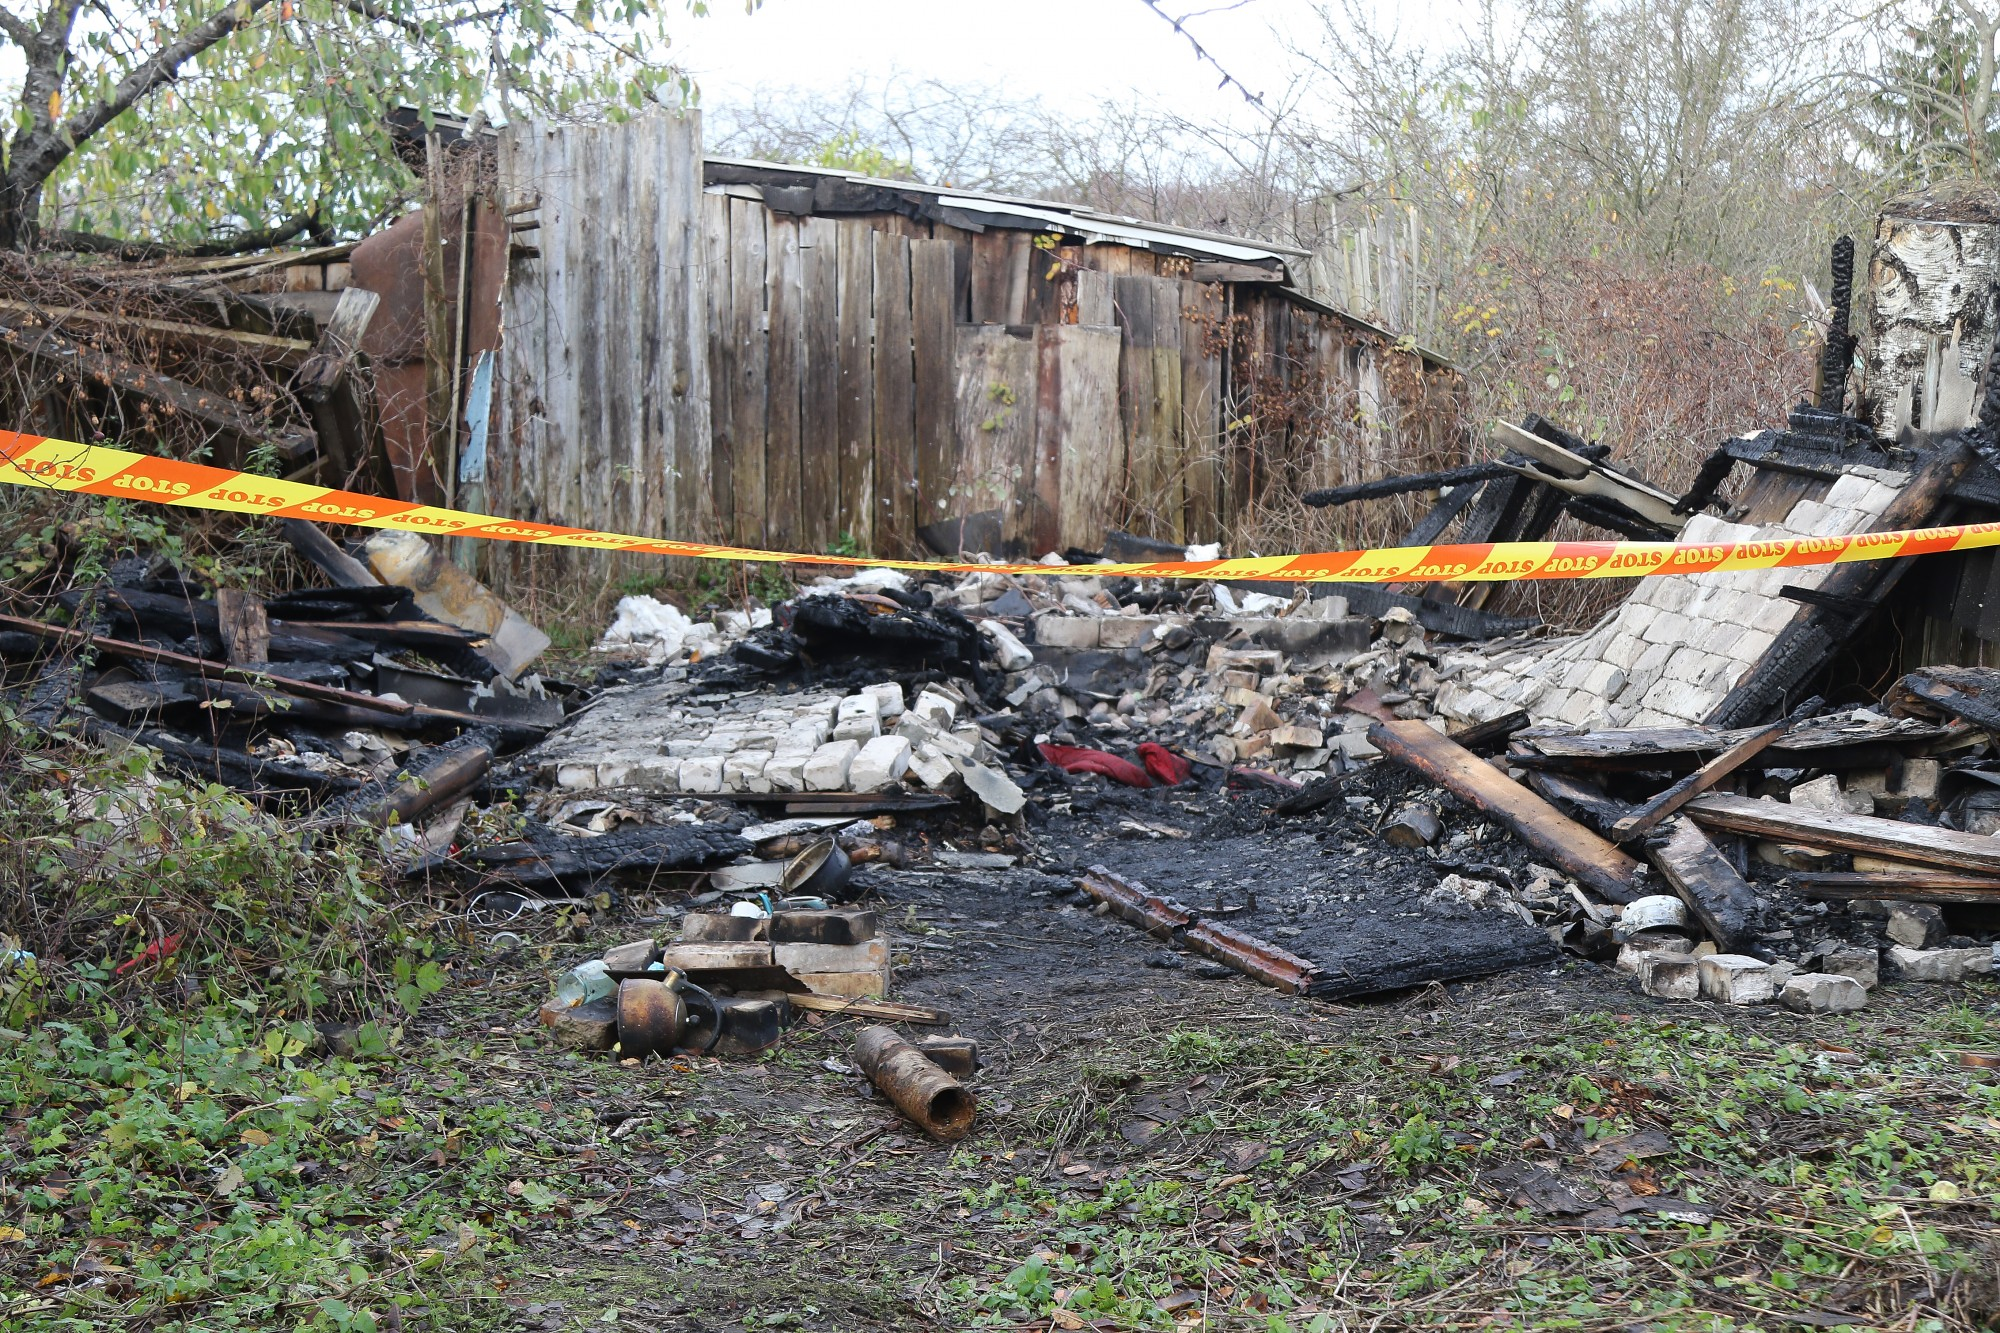 Papildināts (ar foto) – Nodegušā dārza mājā Liepājā atrod bojāgājušu cilvēku